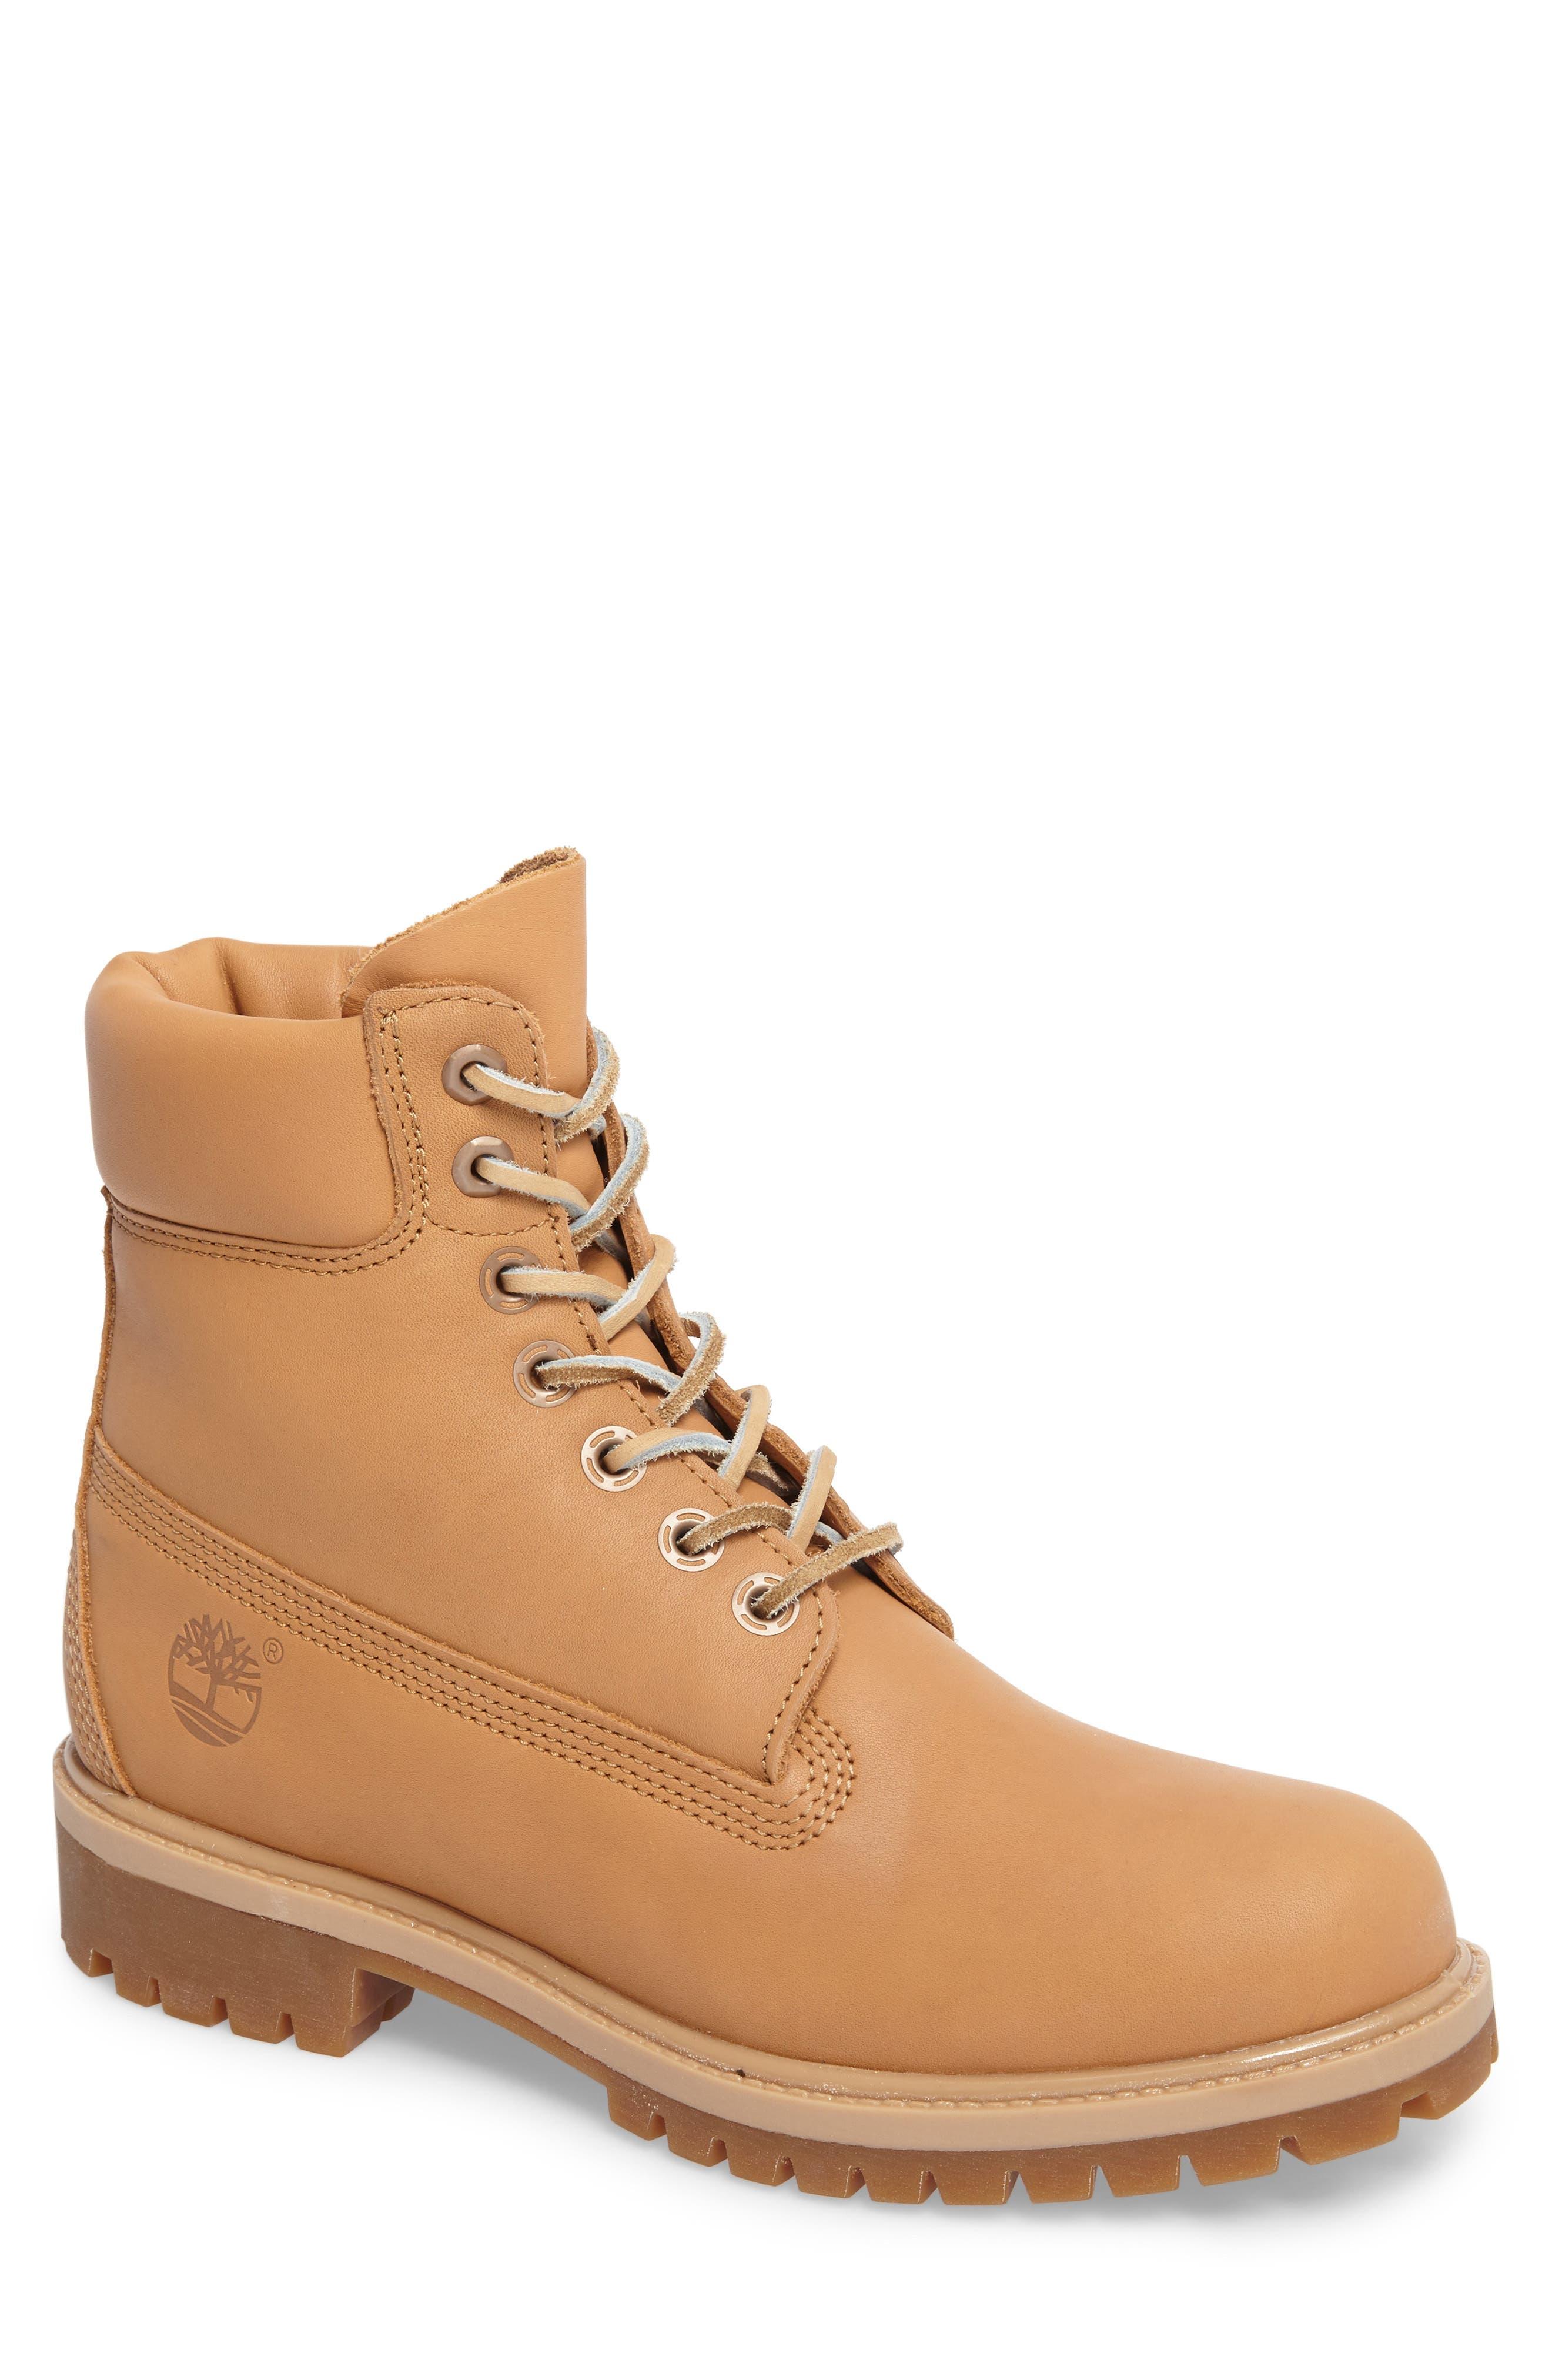 Premium Waterproof Plain Toe Boot,                             Main thumbnail 1, color,                             Natural Leather